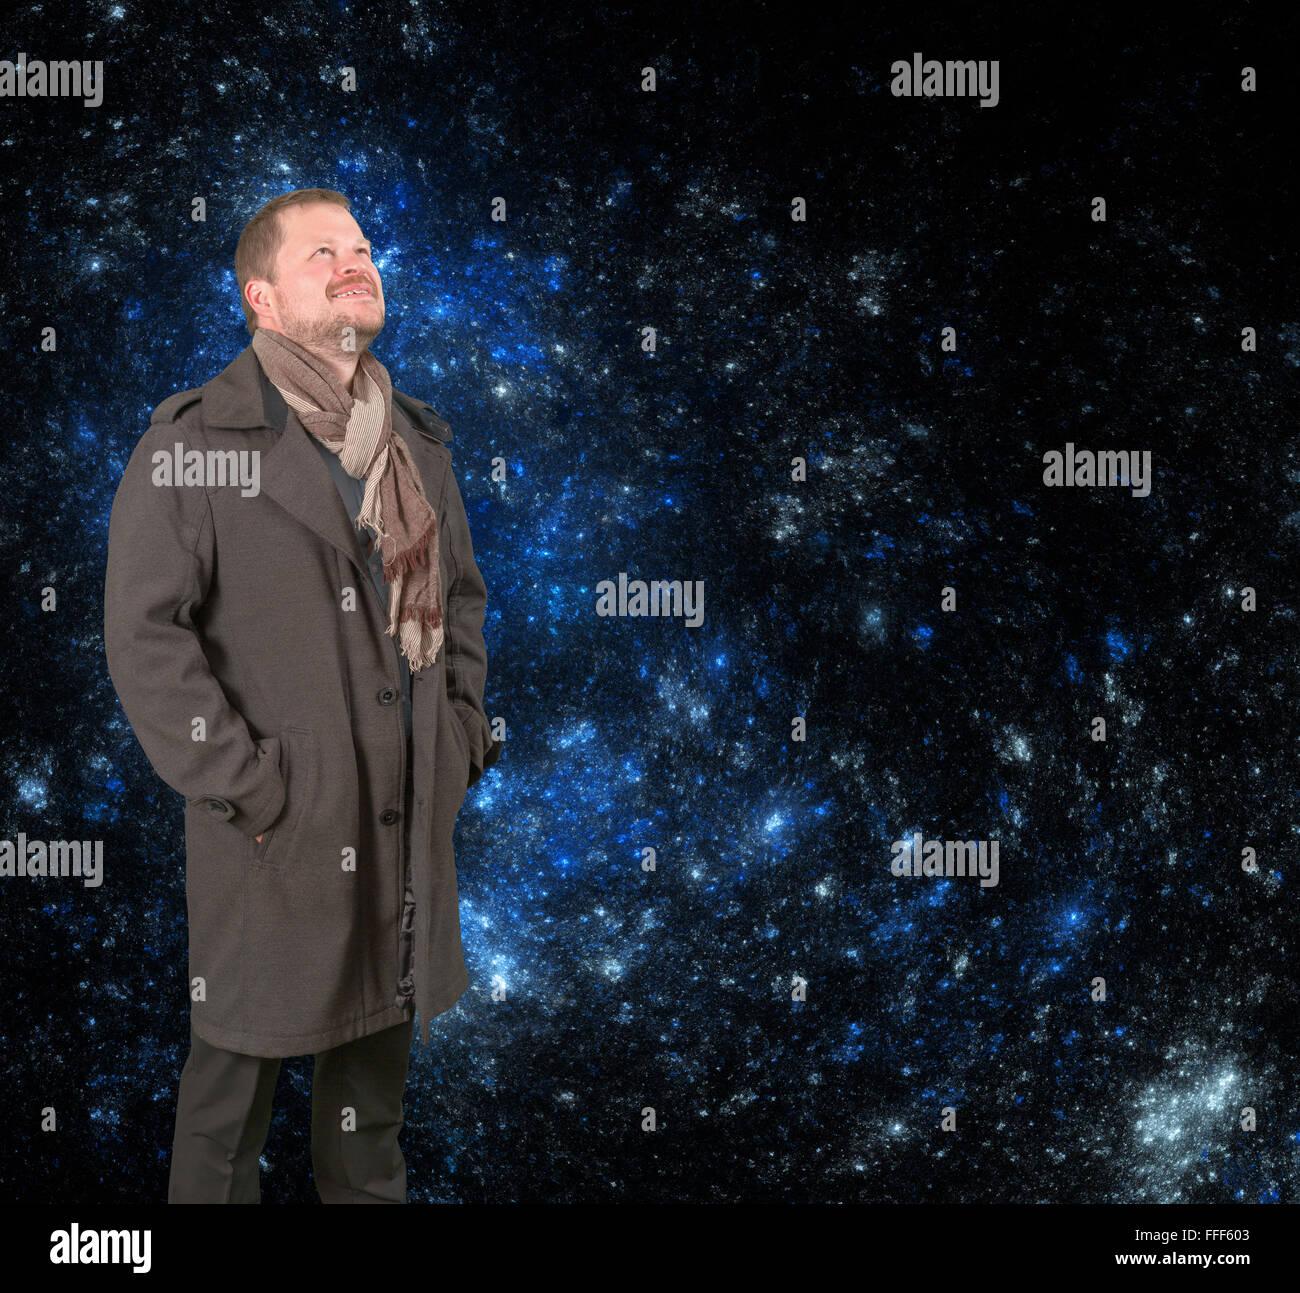 Uomo Di Mezza Età In Un Cappotto E Sciarpa Cercando Su Universo